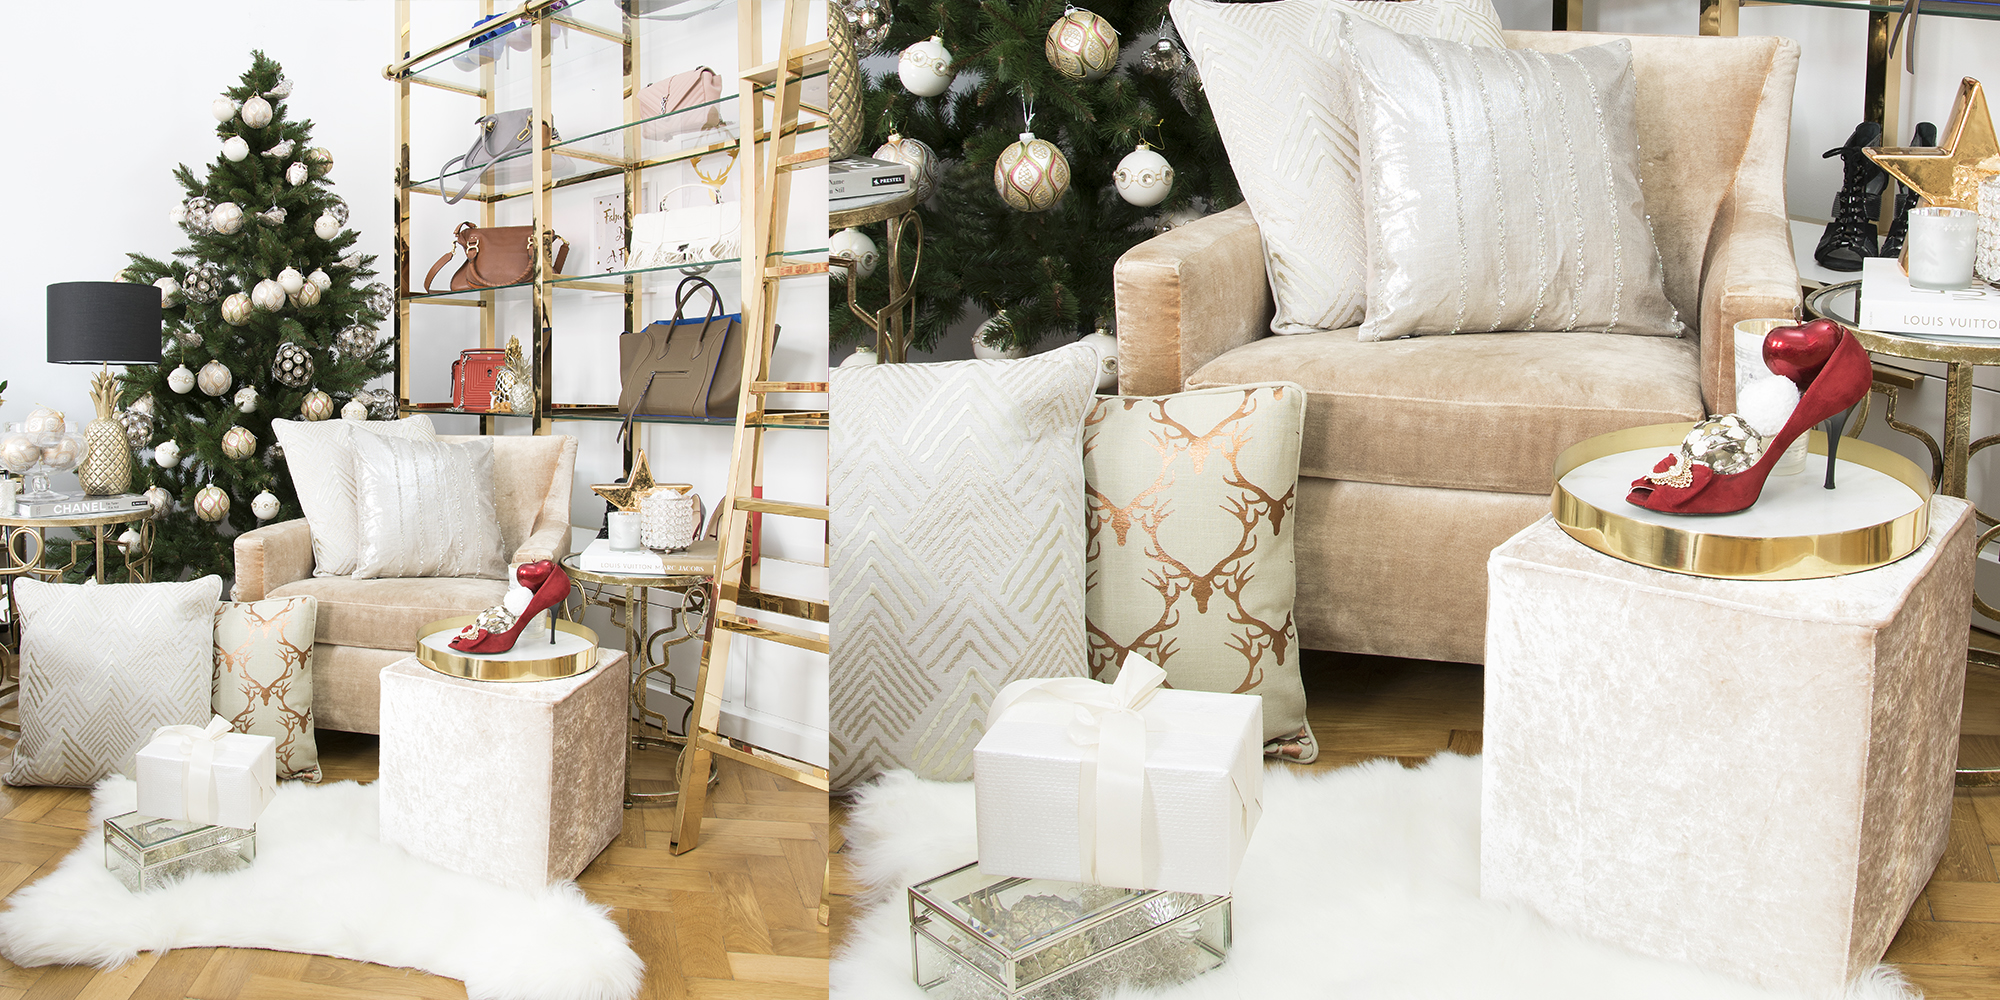 Nikolaus-Advent-Suche mit Saskias Kissen